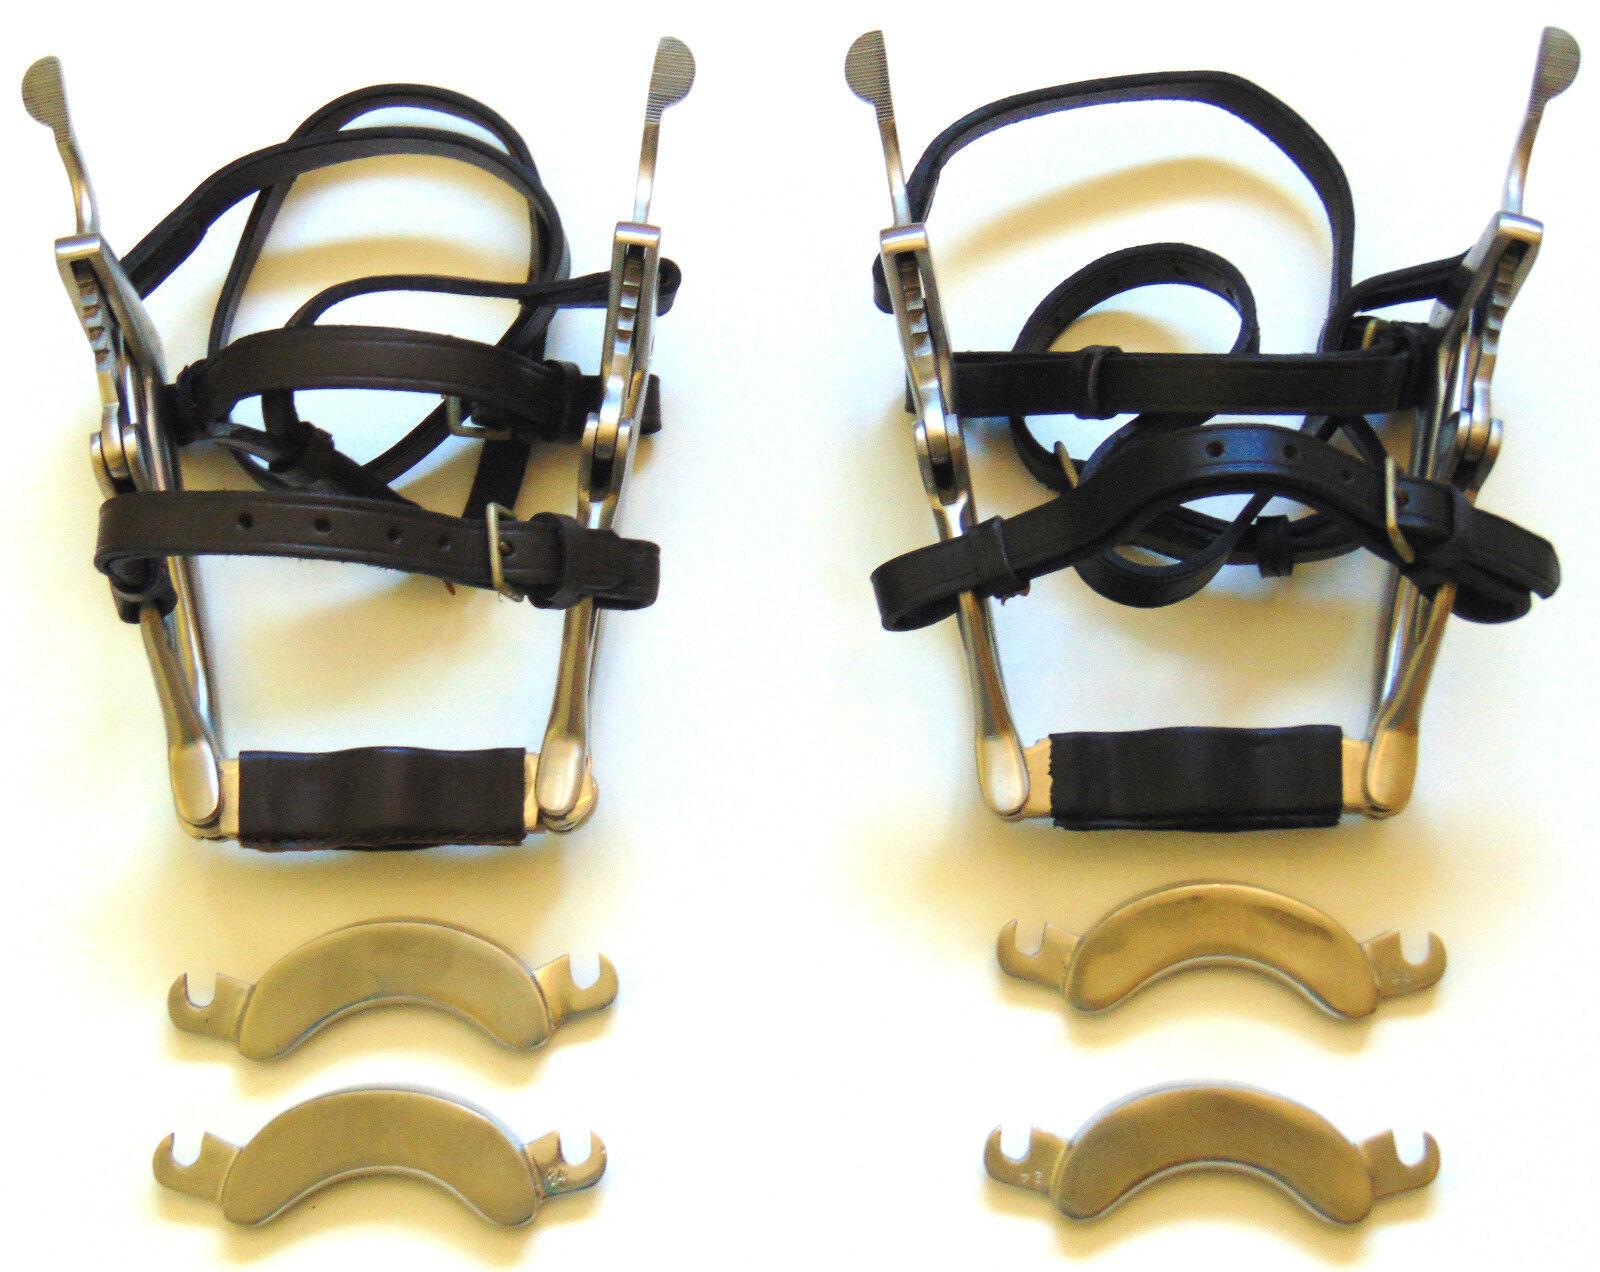 SPECULUM Dentale Equino Bocca Gag Cavallo in acciaio inox con punte di ricambio